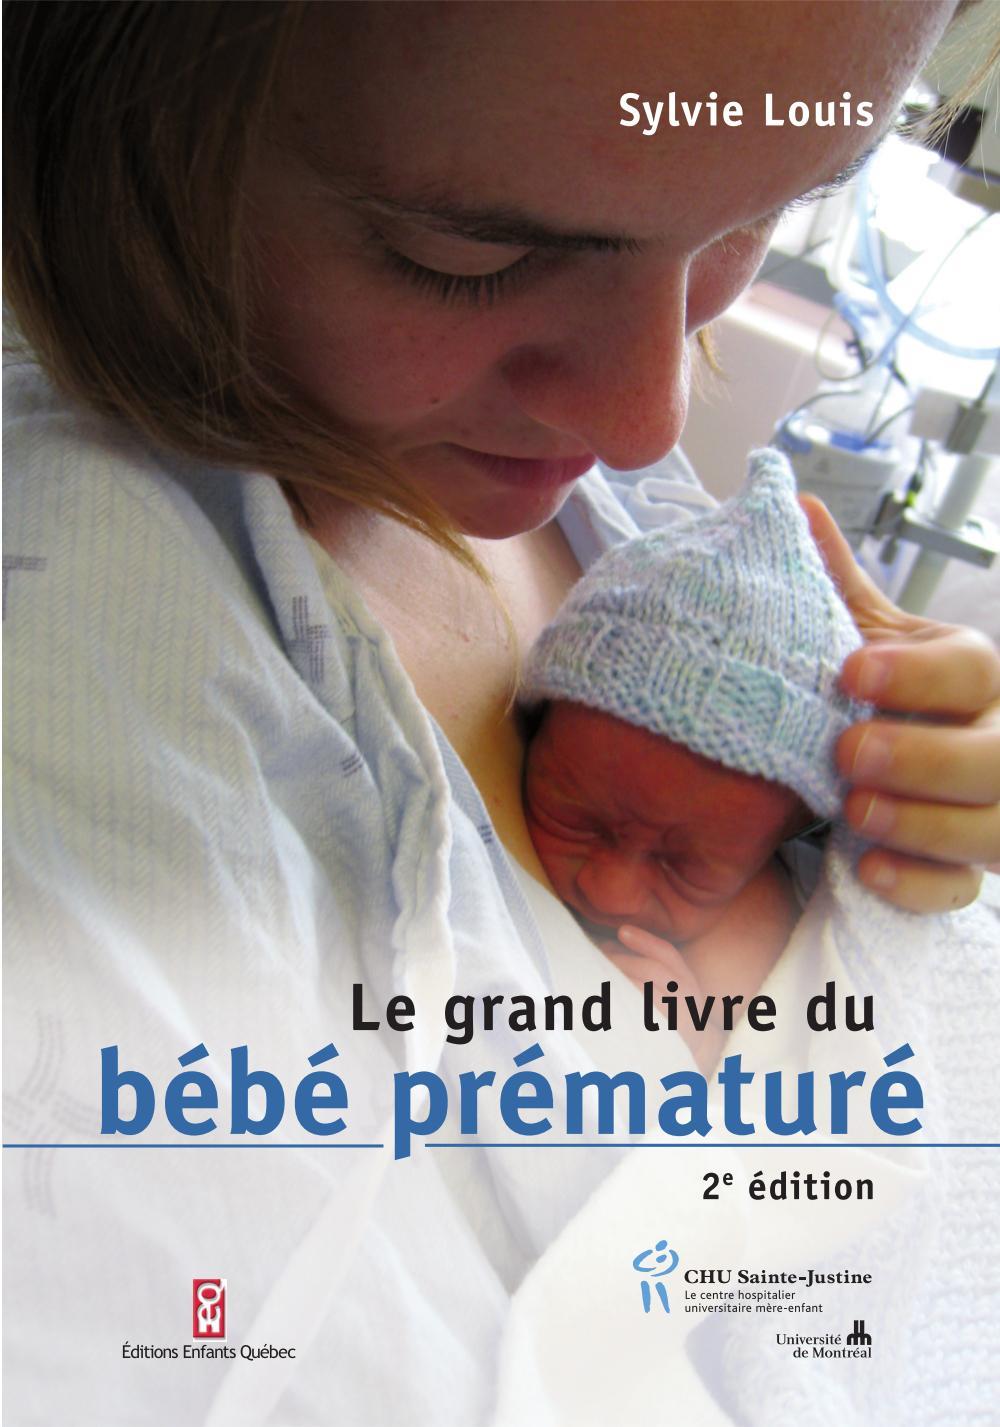 Grand livre du bébé prématuré (Le)